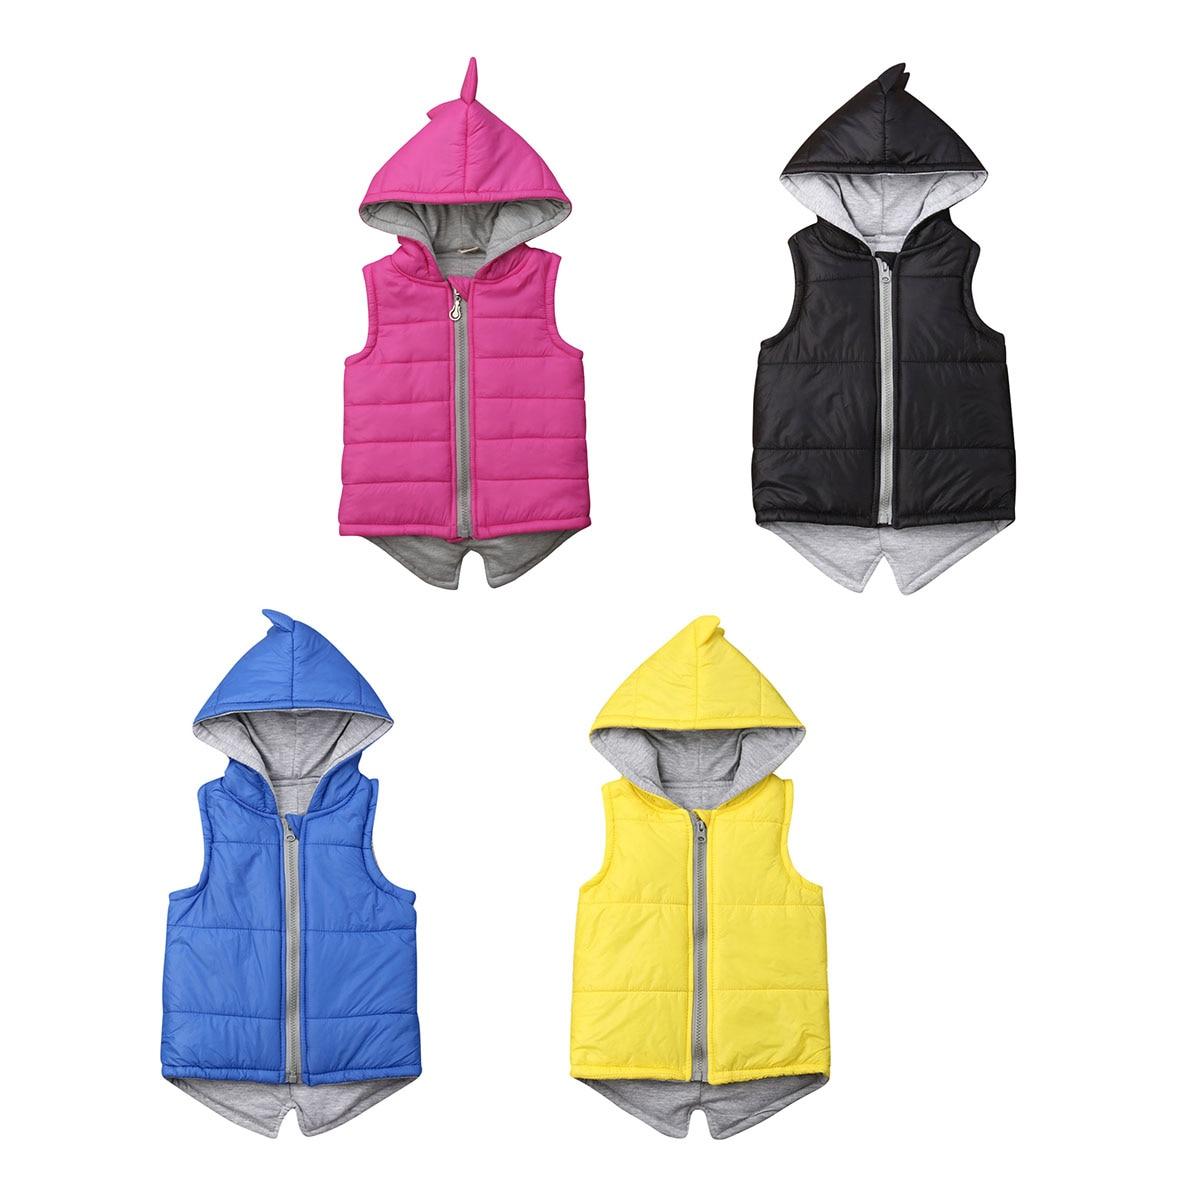 Зимняя жилетка с динозавром для маленьких девочек, куртка на молнии с капюшоном, пальто, верхняя одежда, розовые толстовки, От 6 месяцев до 7 л...